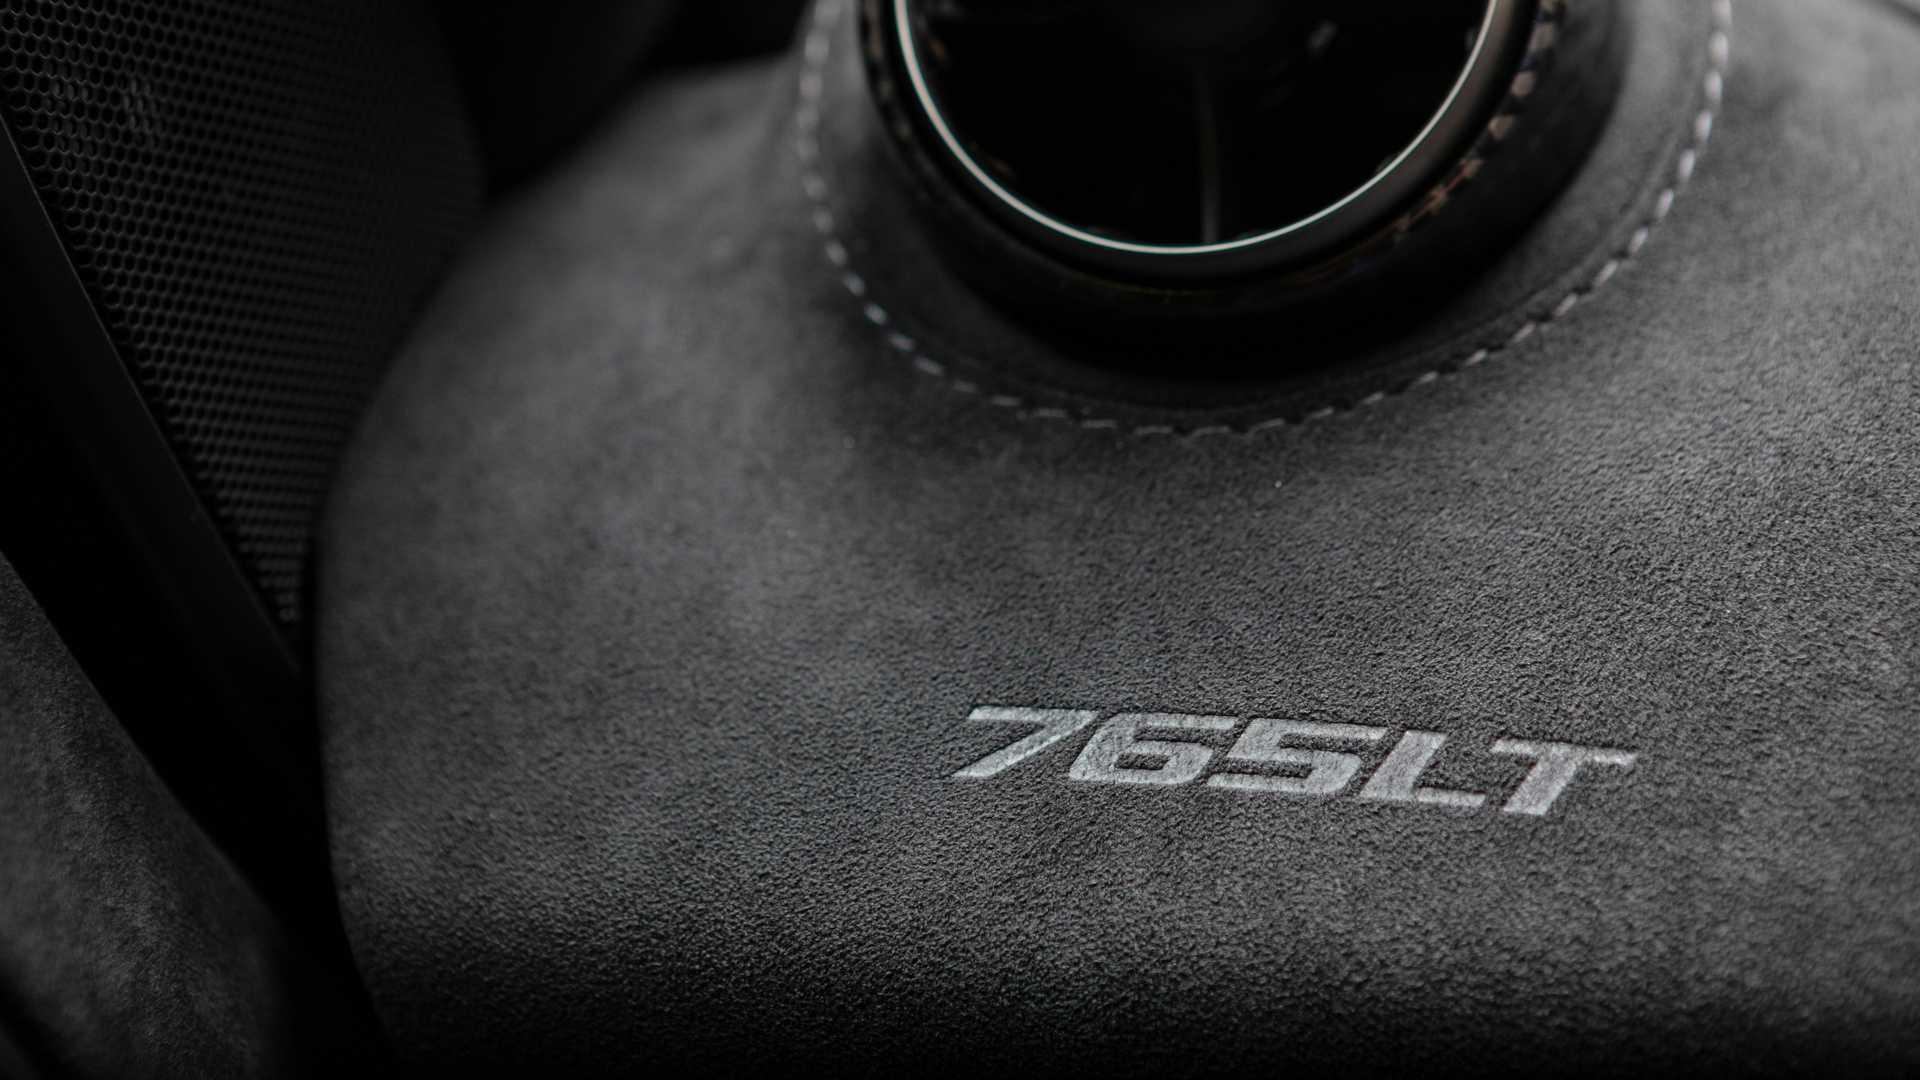 2021 McLaren 765LT dash vent